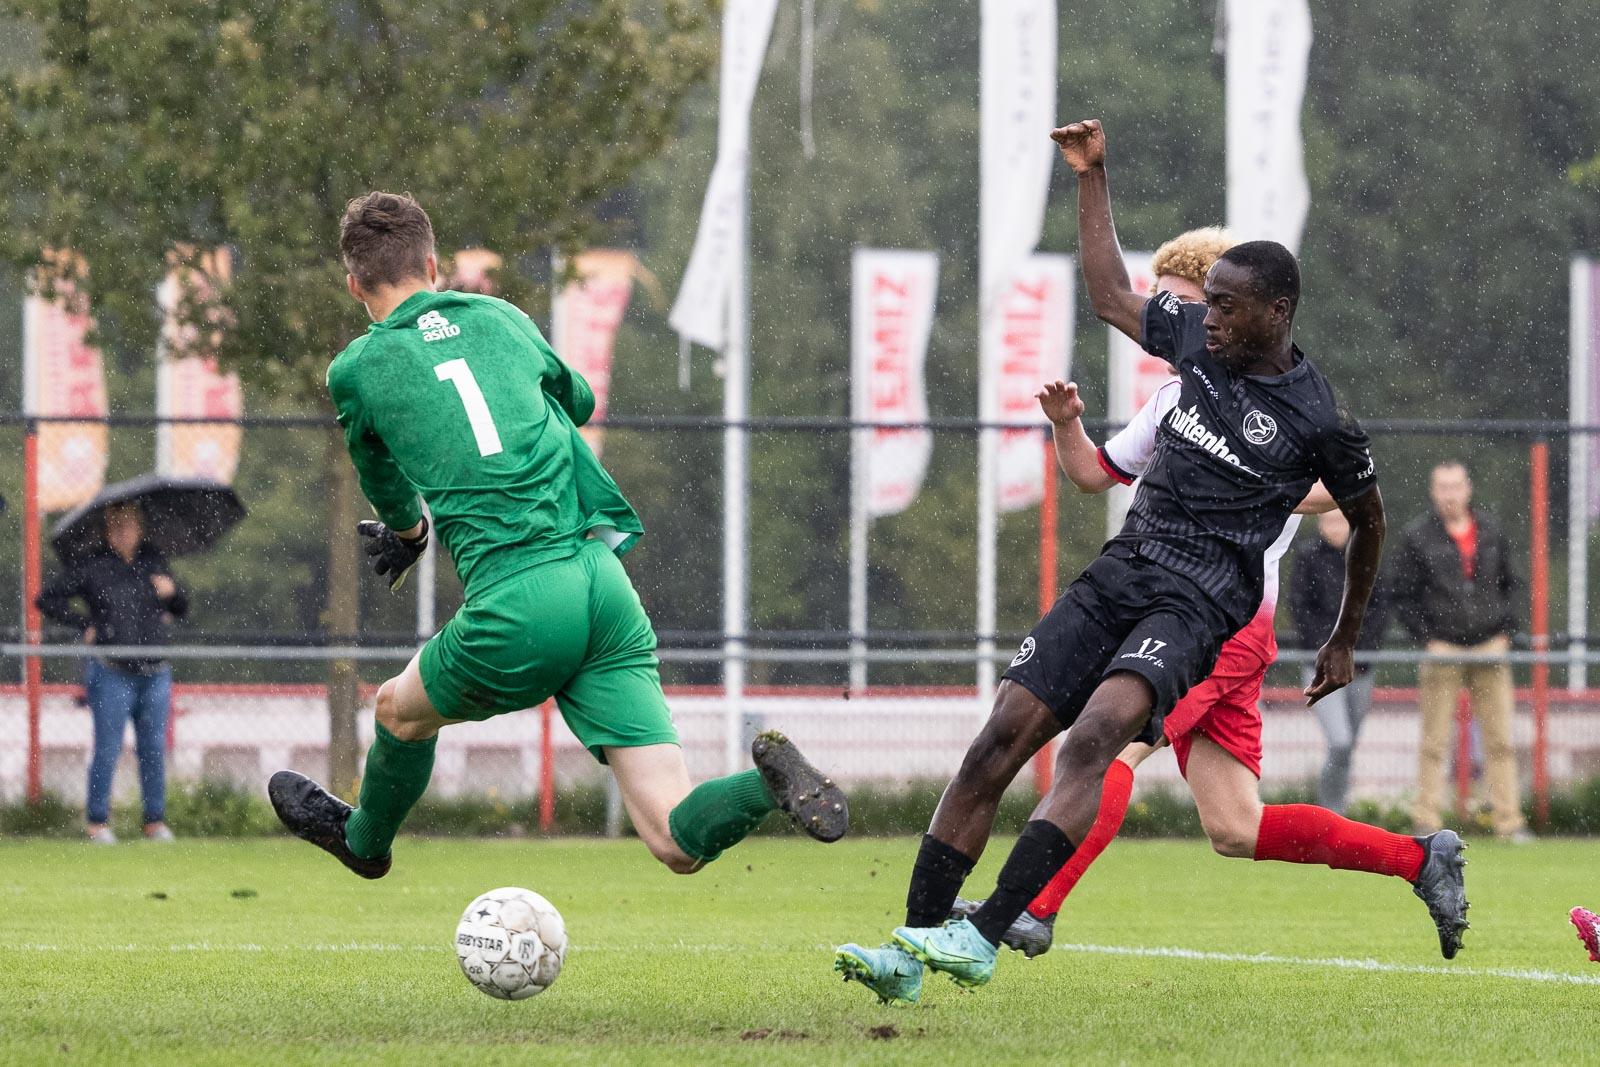 Eredivisiedroom O21 gaat verder tegen SC Heerenveen